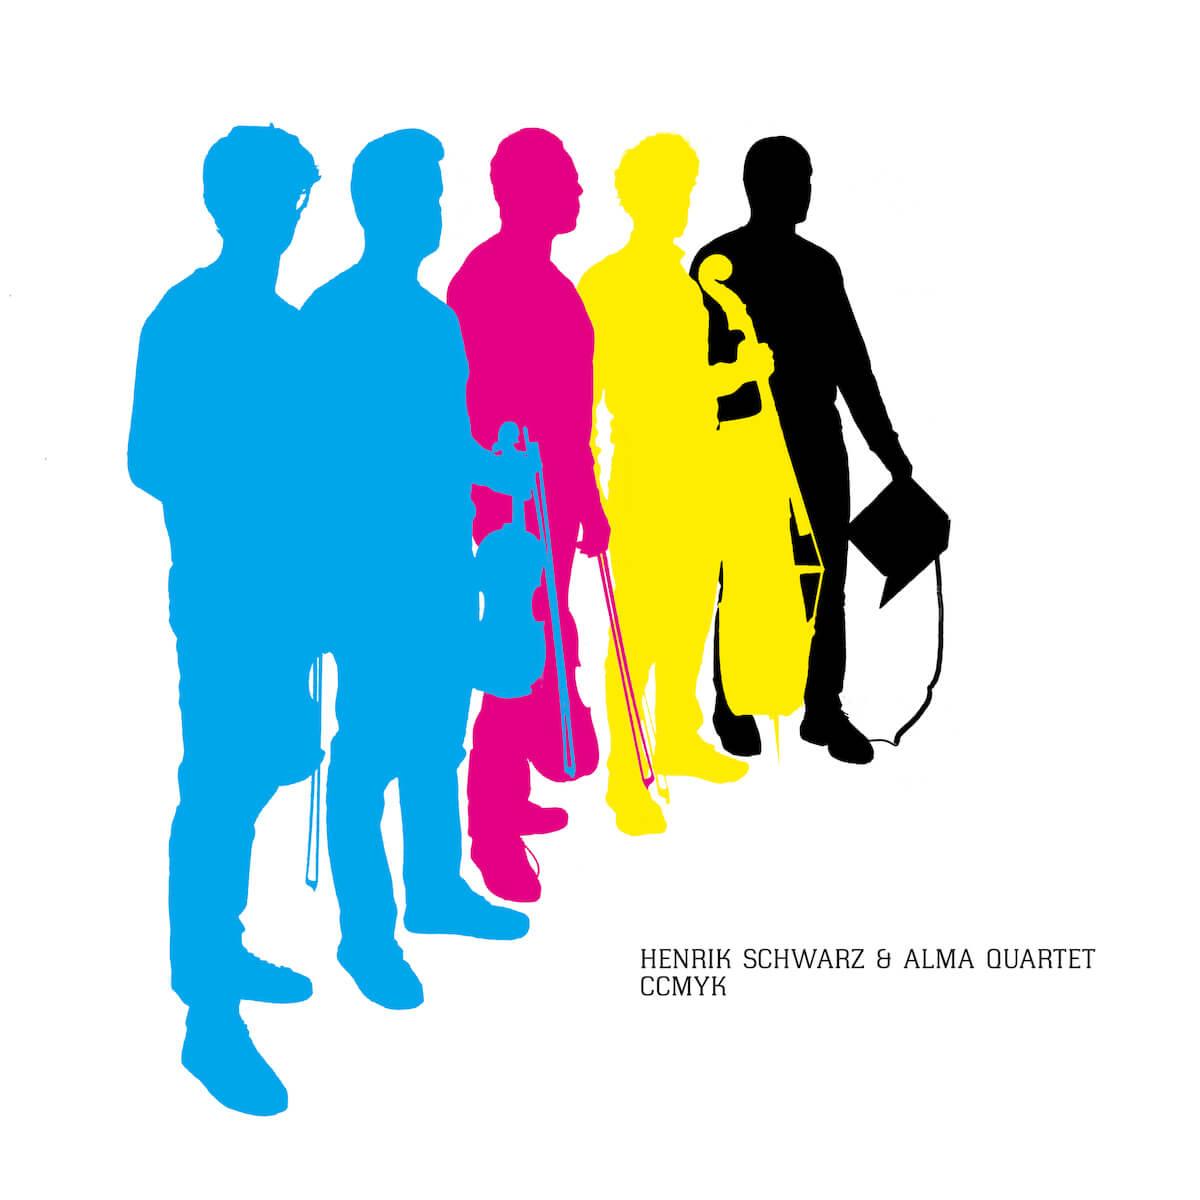 ヘンリク・シュワルツ、弦楽四重奏アルマ・カルテットとの共作アルバム『CCMYK』を5月24日に世界同時リリース! music190517henrik-schwarz_info